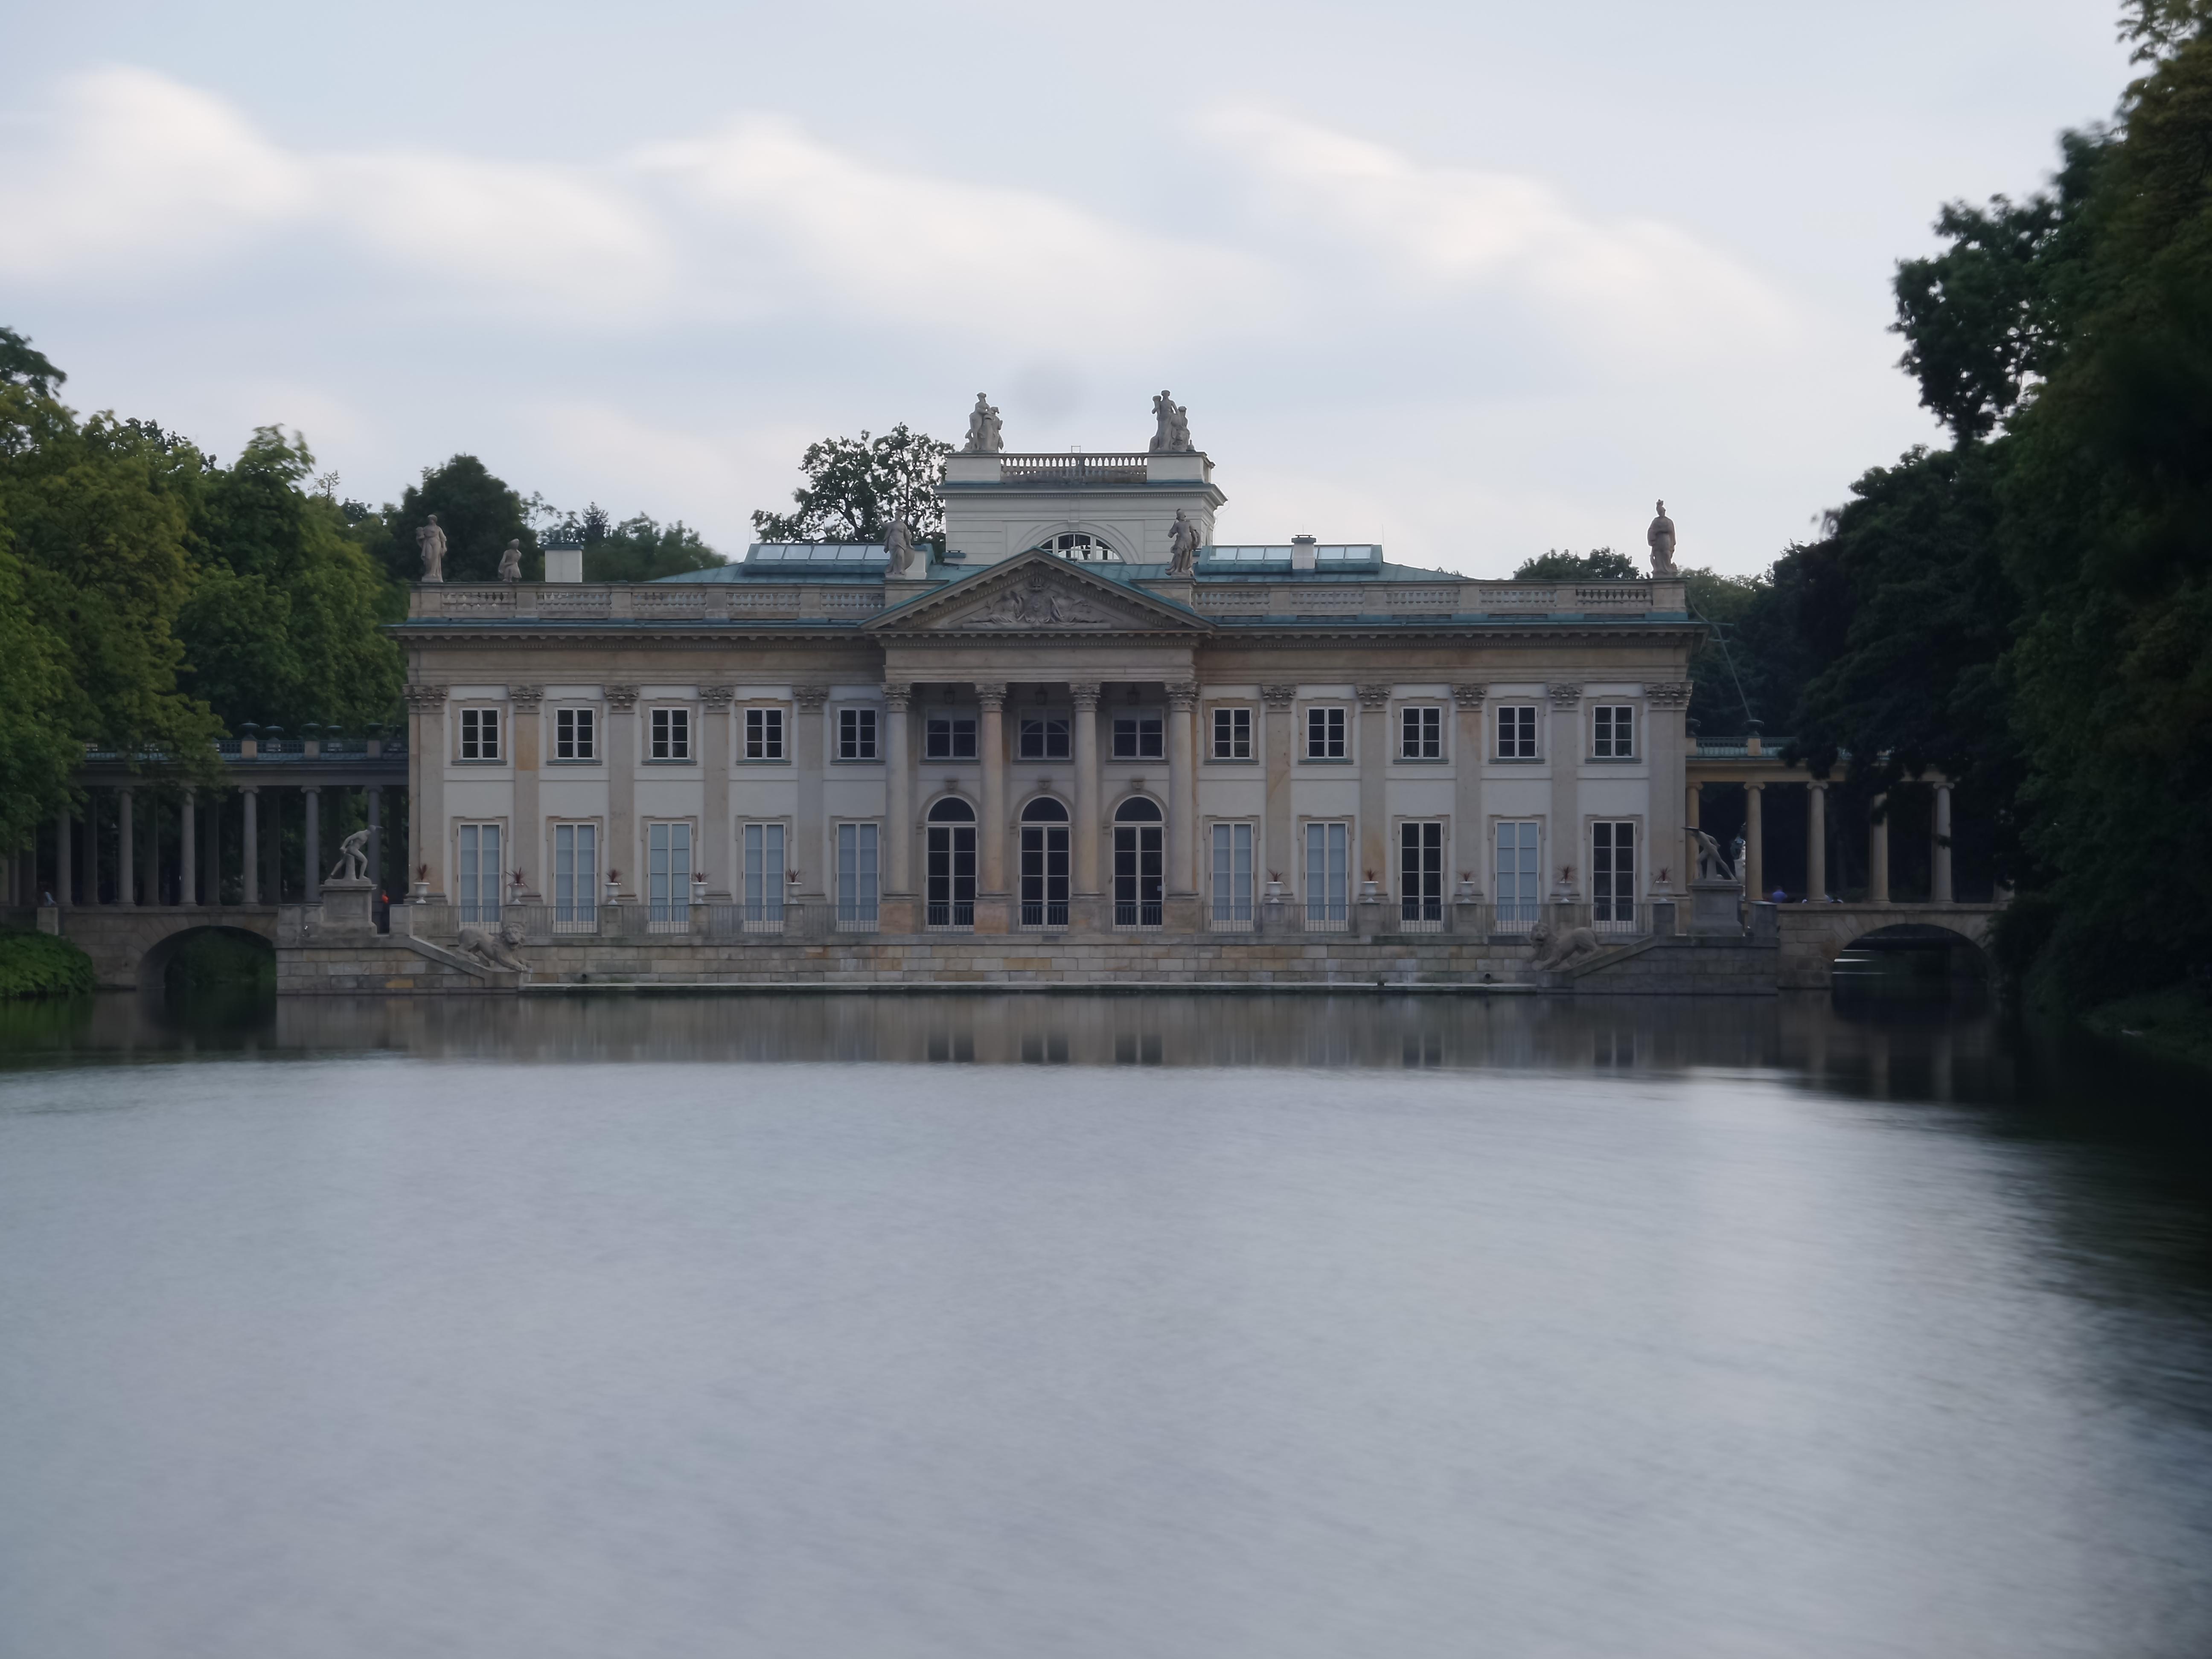 Plikpałac Na Wodzie łazienki Królewskie W Warszawie 2jpg